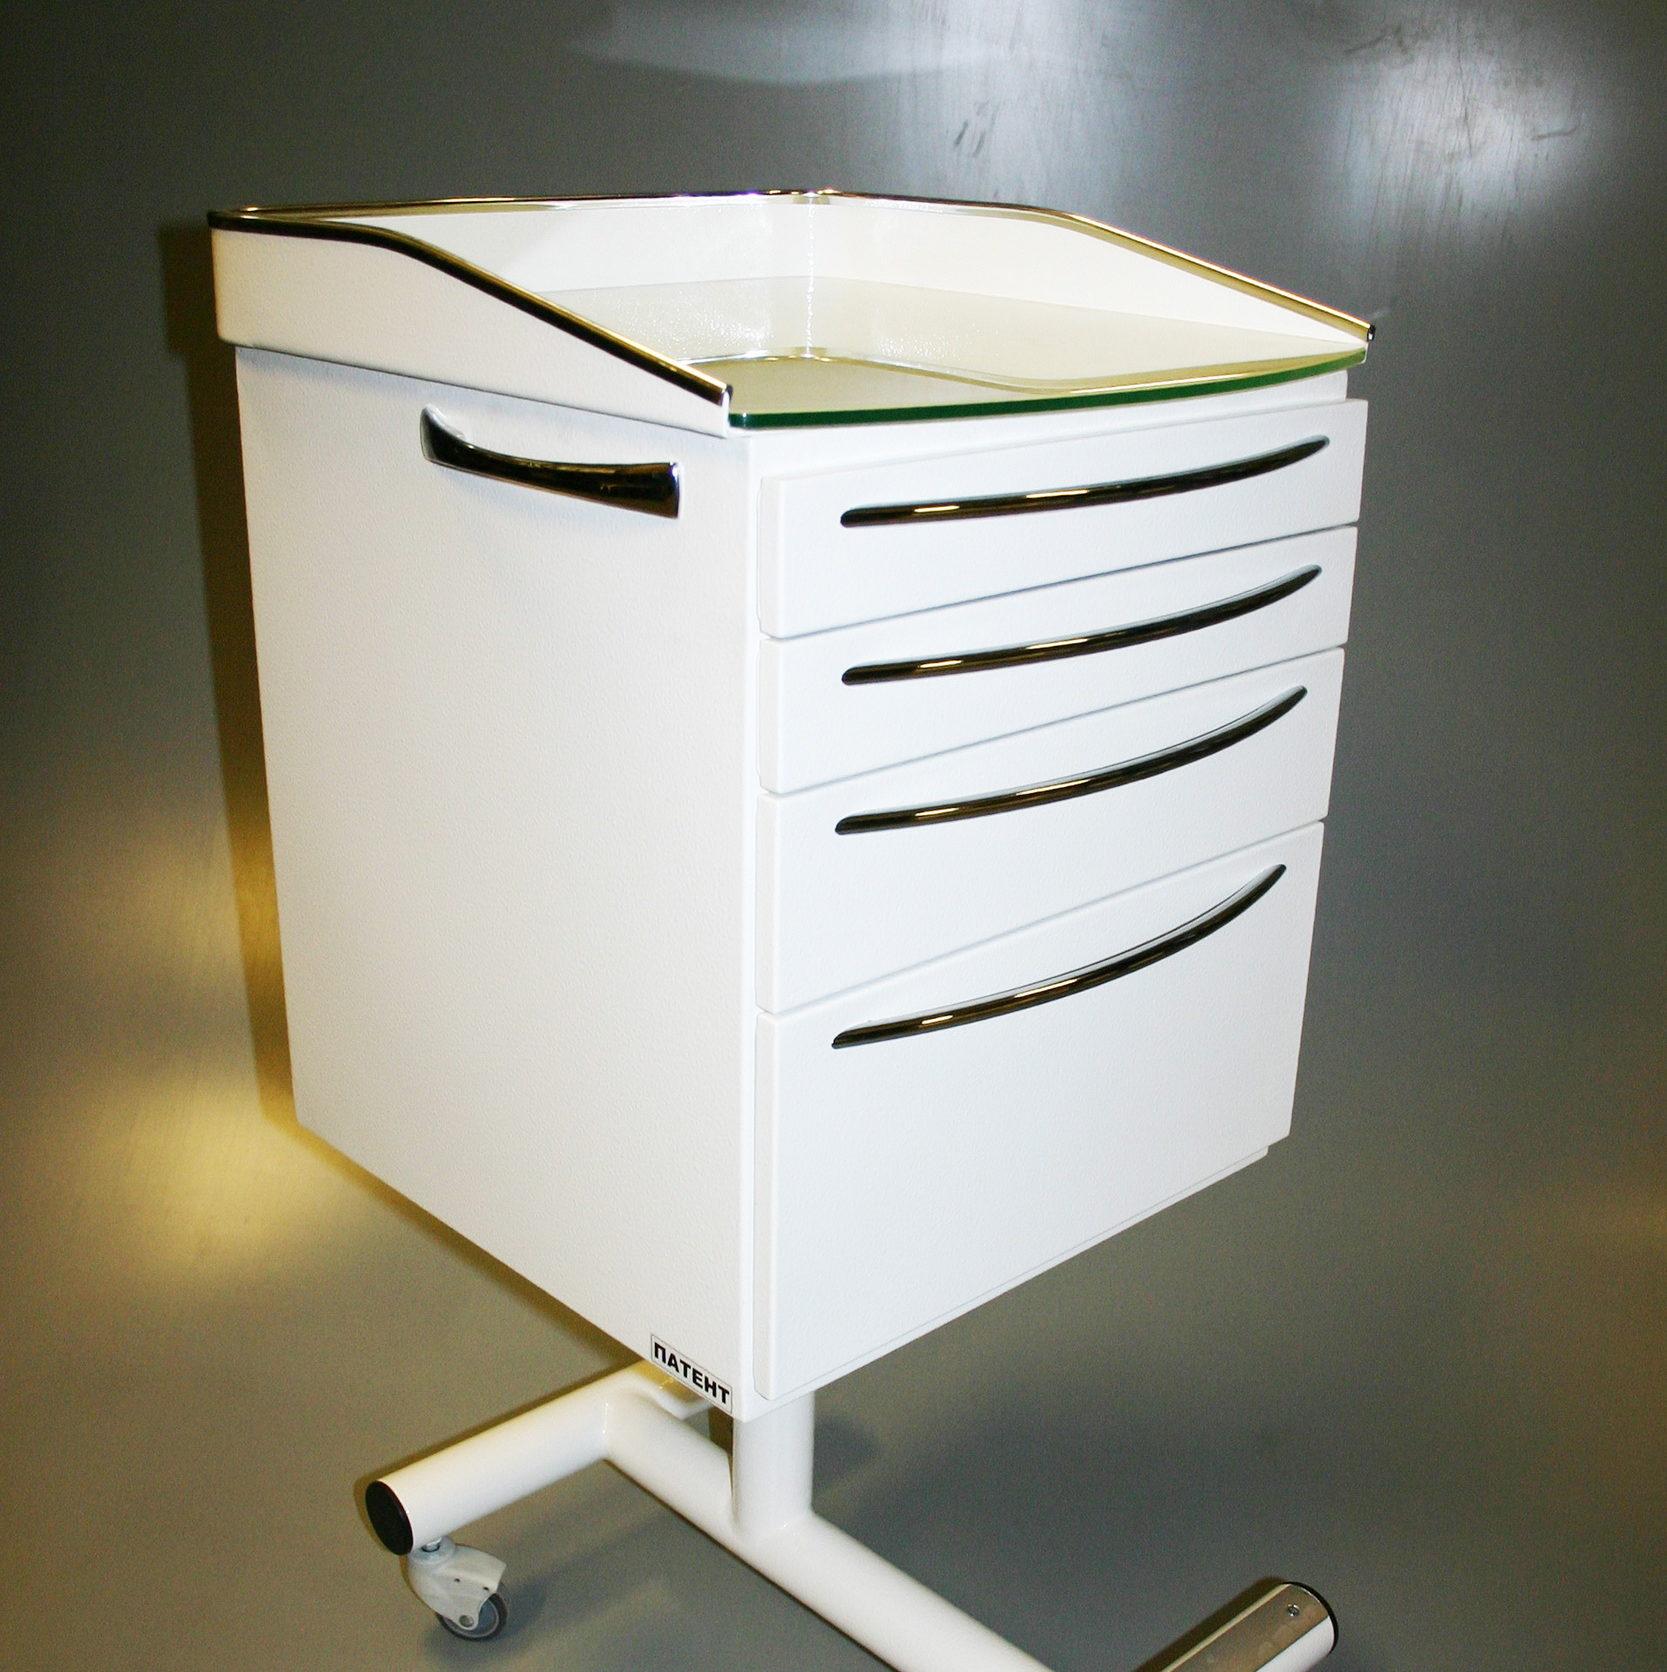 Варианты столешниц для тумб «Панок-Соло», Столешница с высокими металлическими бортами